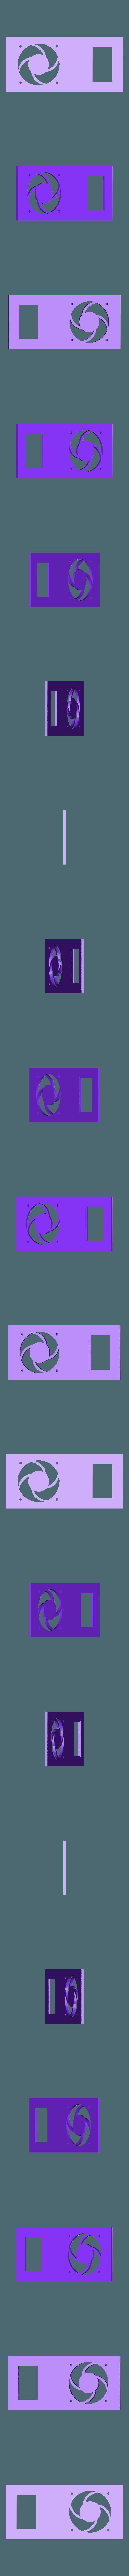 Rear_Panel_NO_Extension_FINAL.stl Télécharger fichier STL gratuit Affaire Riden RD6006 sur l'alimentation électrique • Objet imprimable en 3D, christinewhybrow